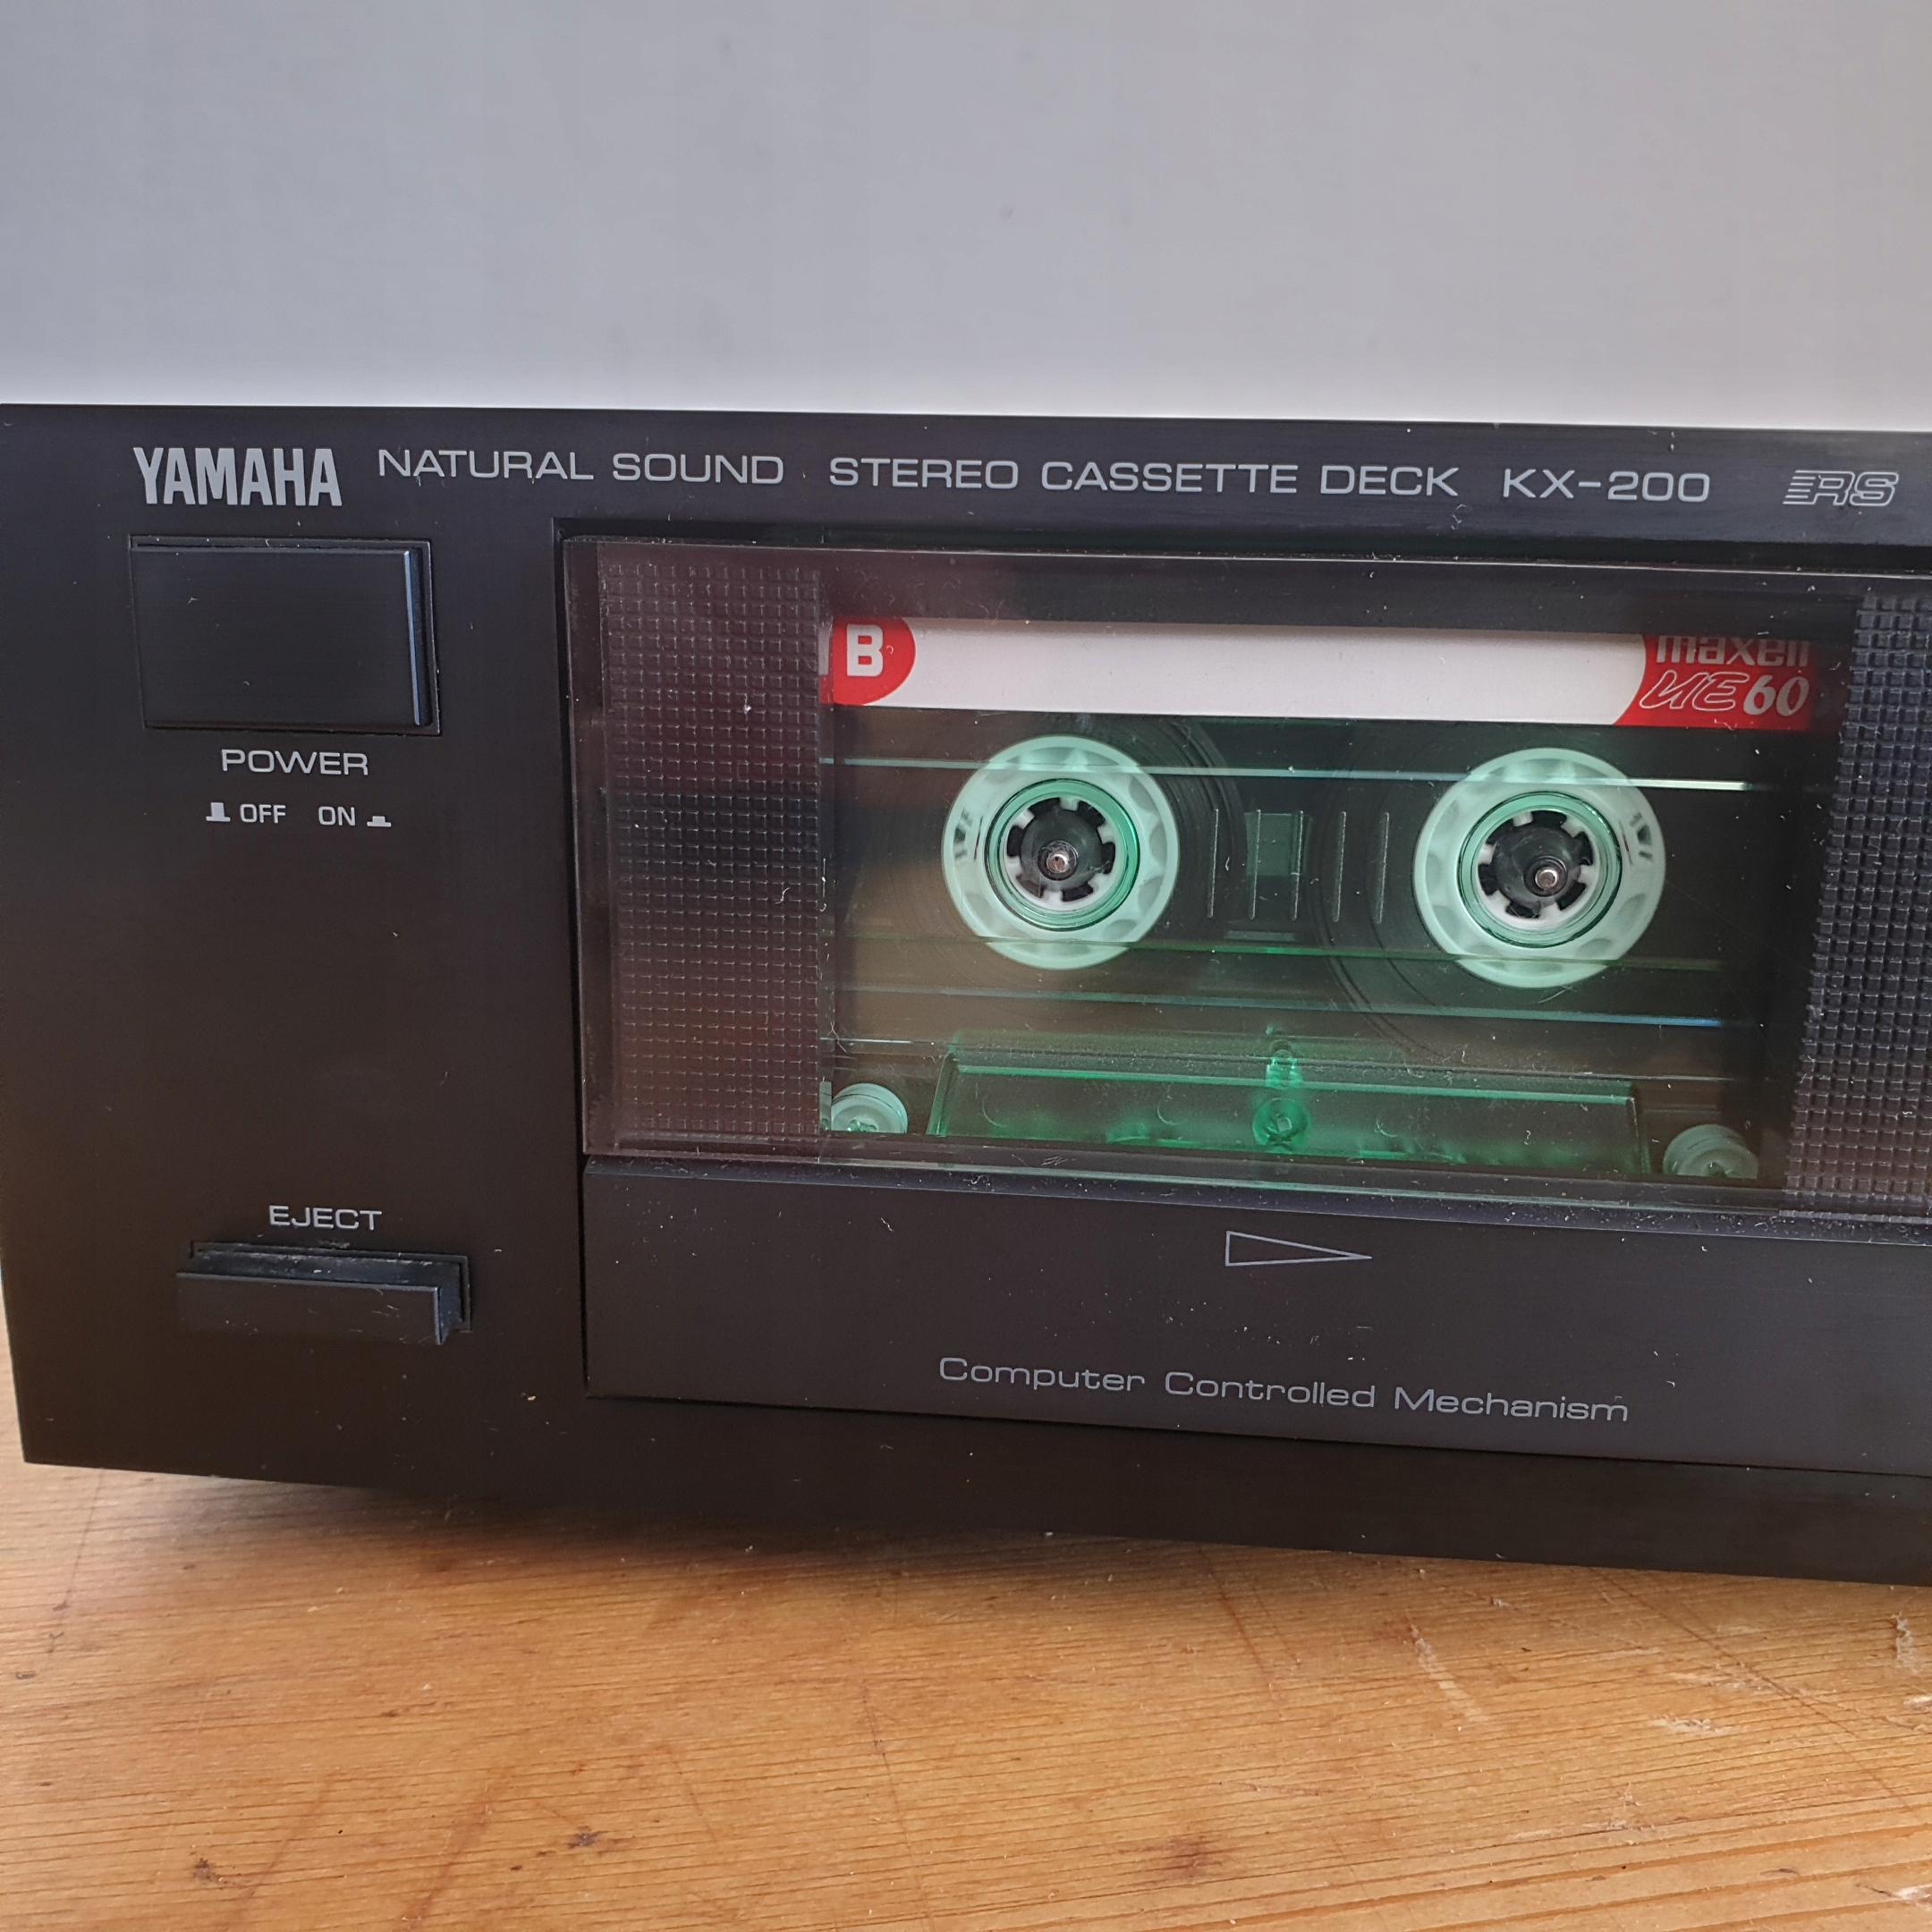 YAMAHA KX-200 - stereo